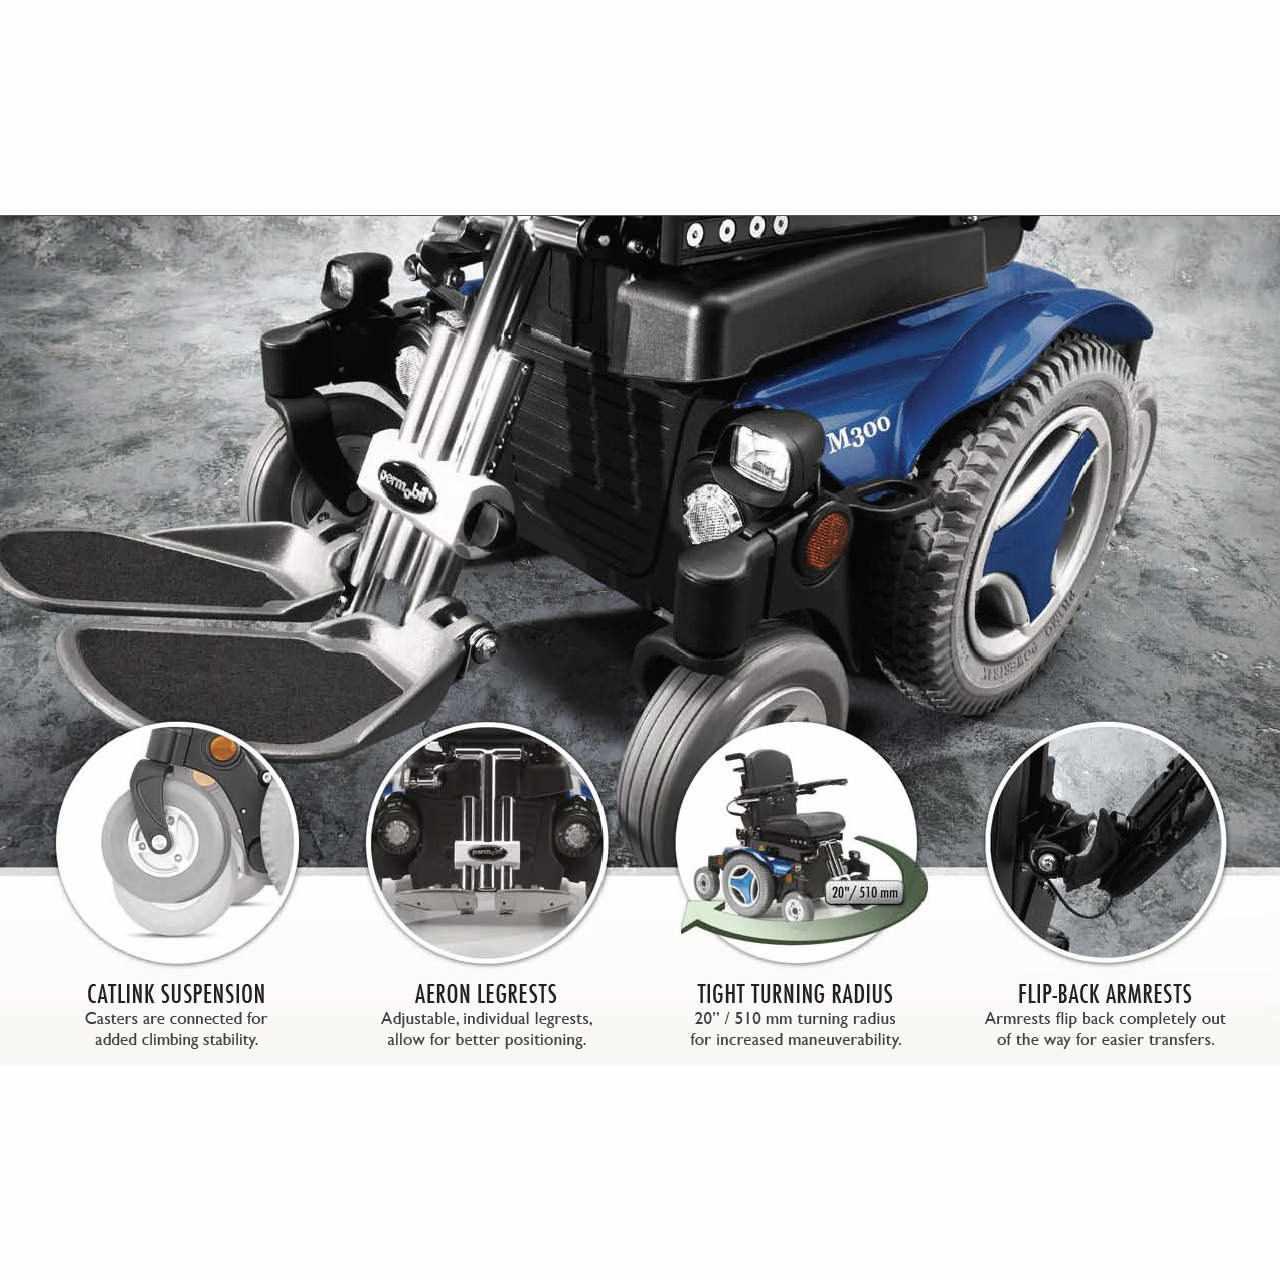 Permobil M300 Ps Junior Power Wheelchair | Pediatric Power Wheelchair